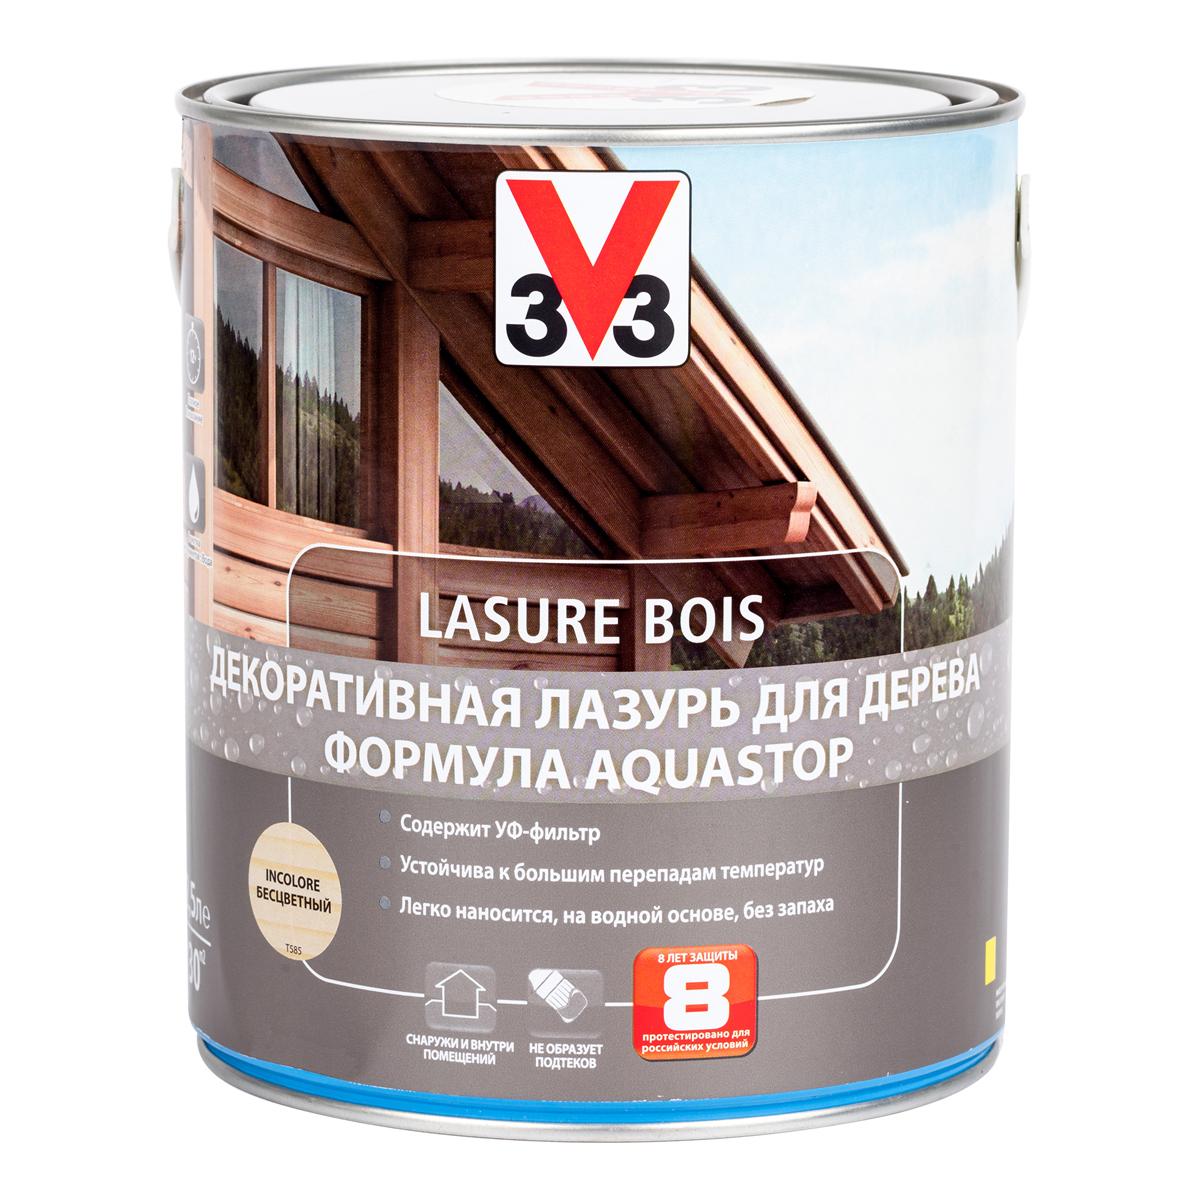 """Лазурь для дерева декоративная V33 """"Aquastop"""", цвет: бесцветный, на водной основе, 2,5 л 107832"""